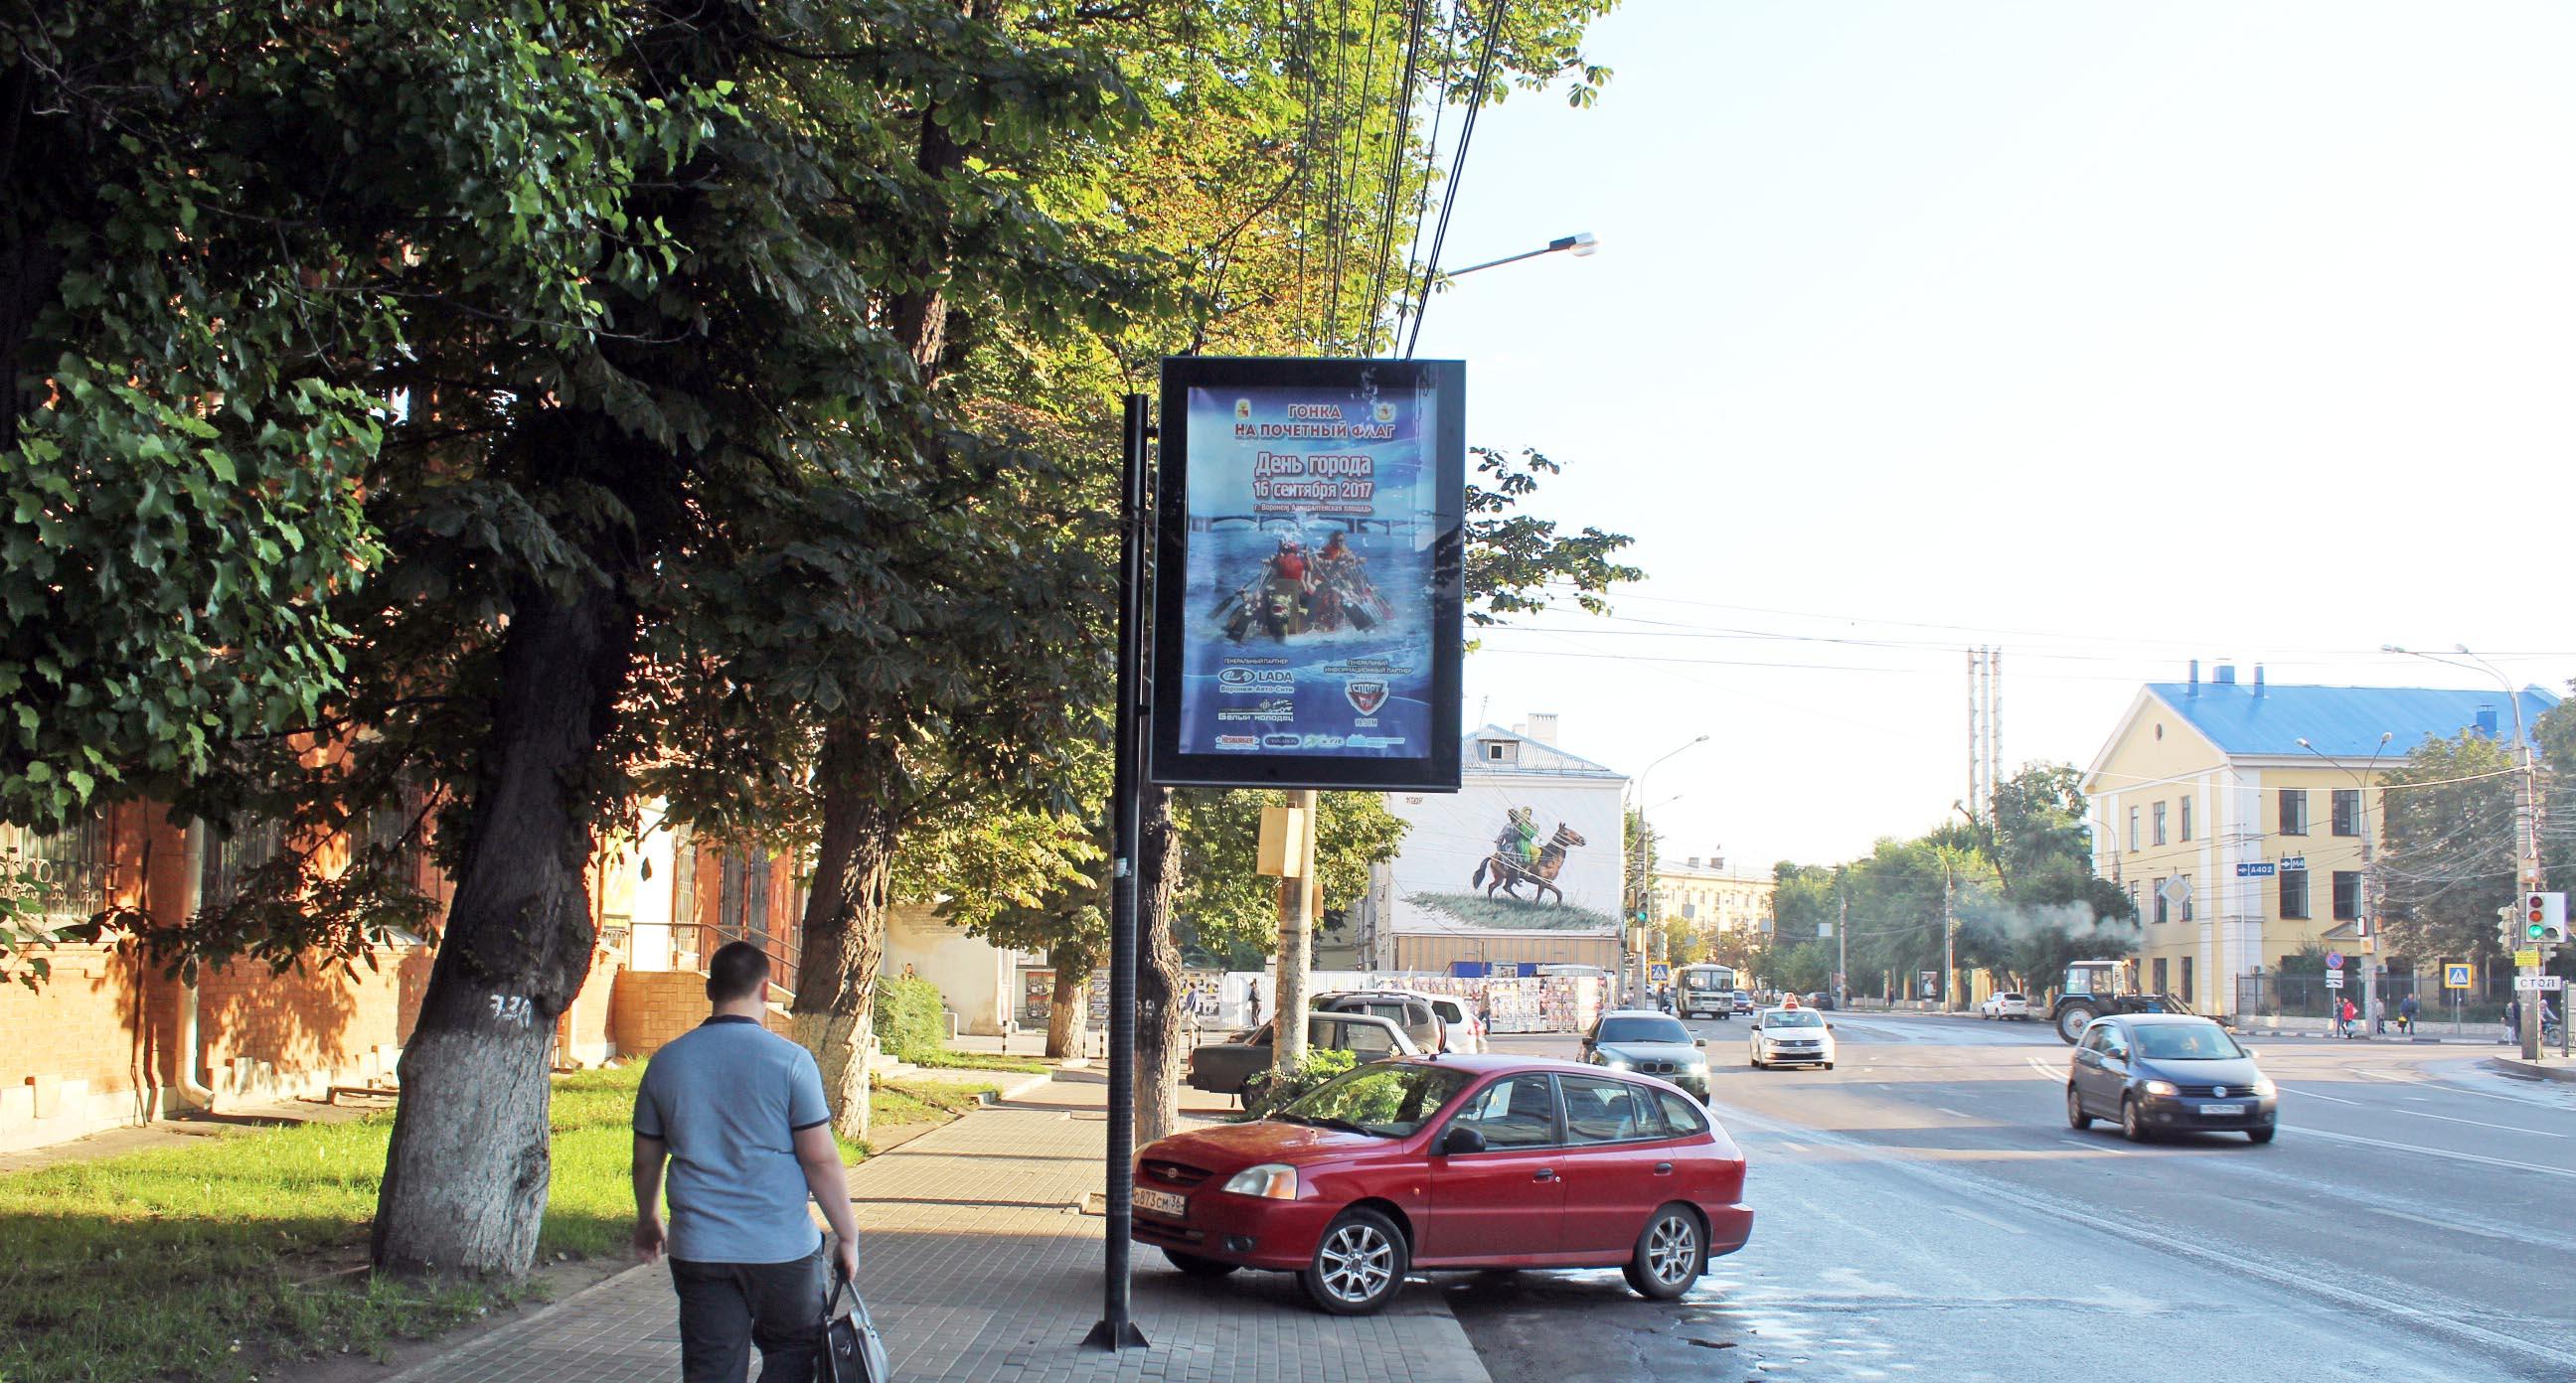 303В ул. Кольцовская, д.24 ХОРЕКА (2)